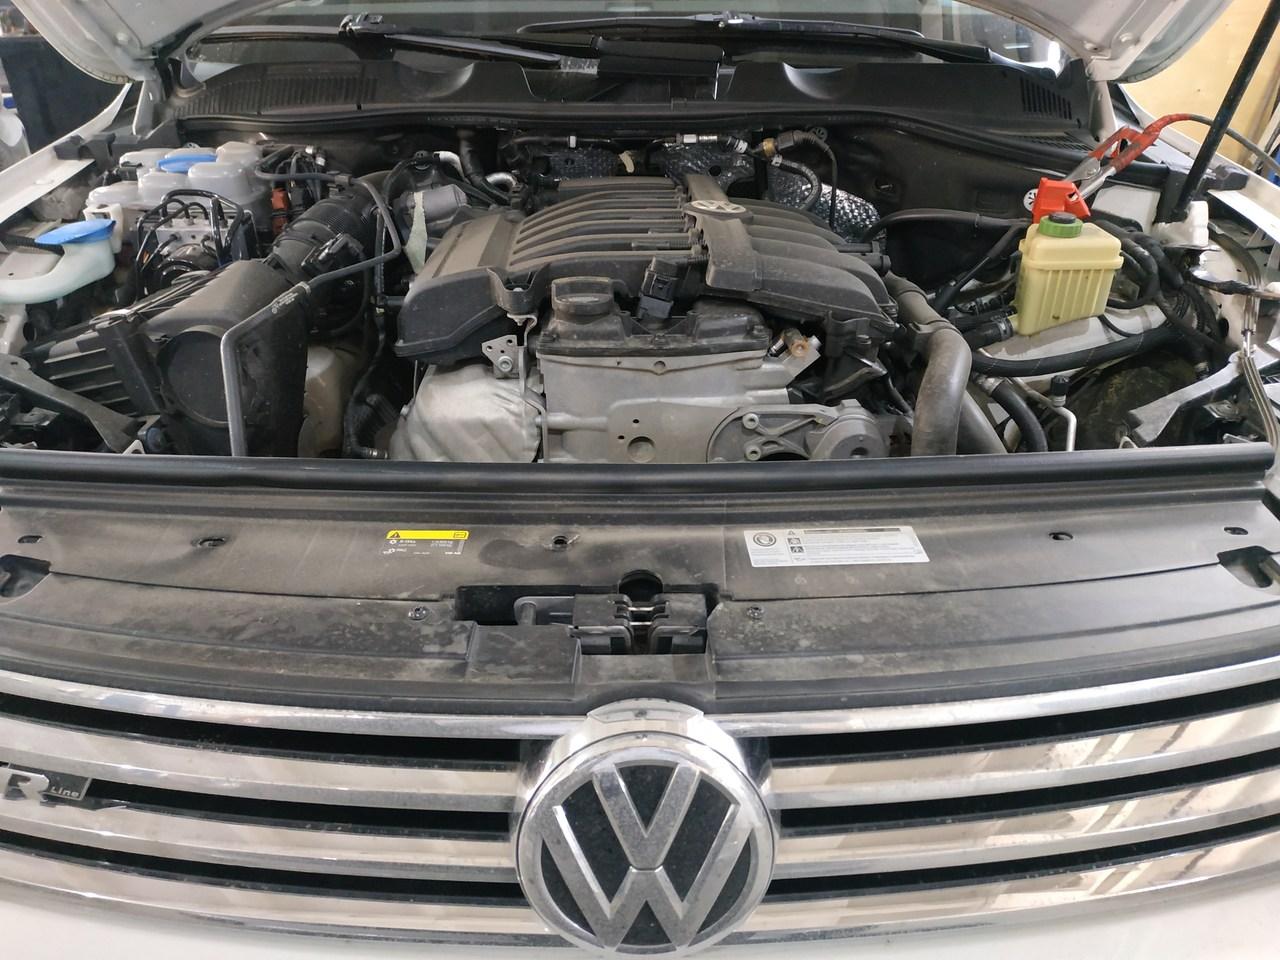 под капотом Volkswagen Touareg 3.6, двигатель бензиновый